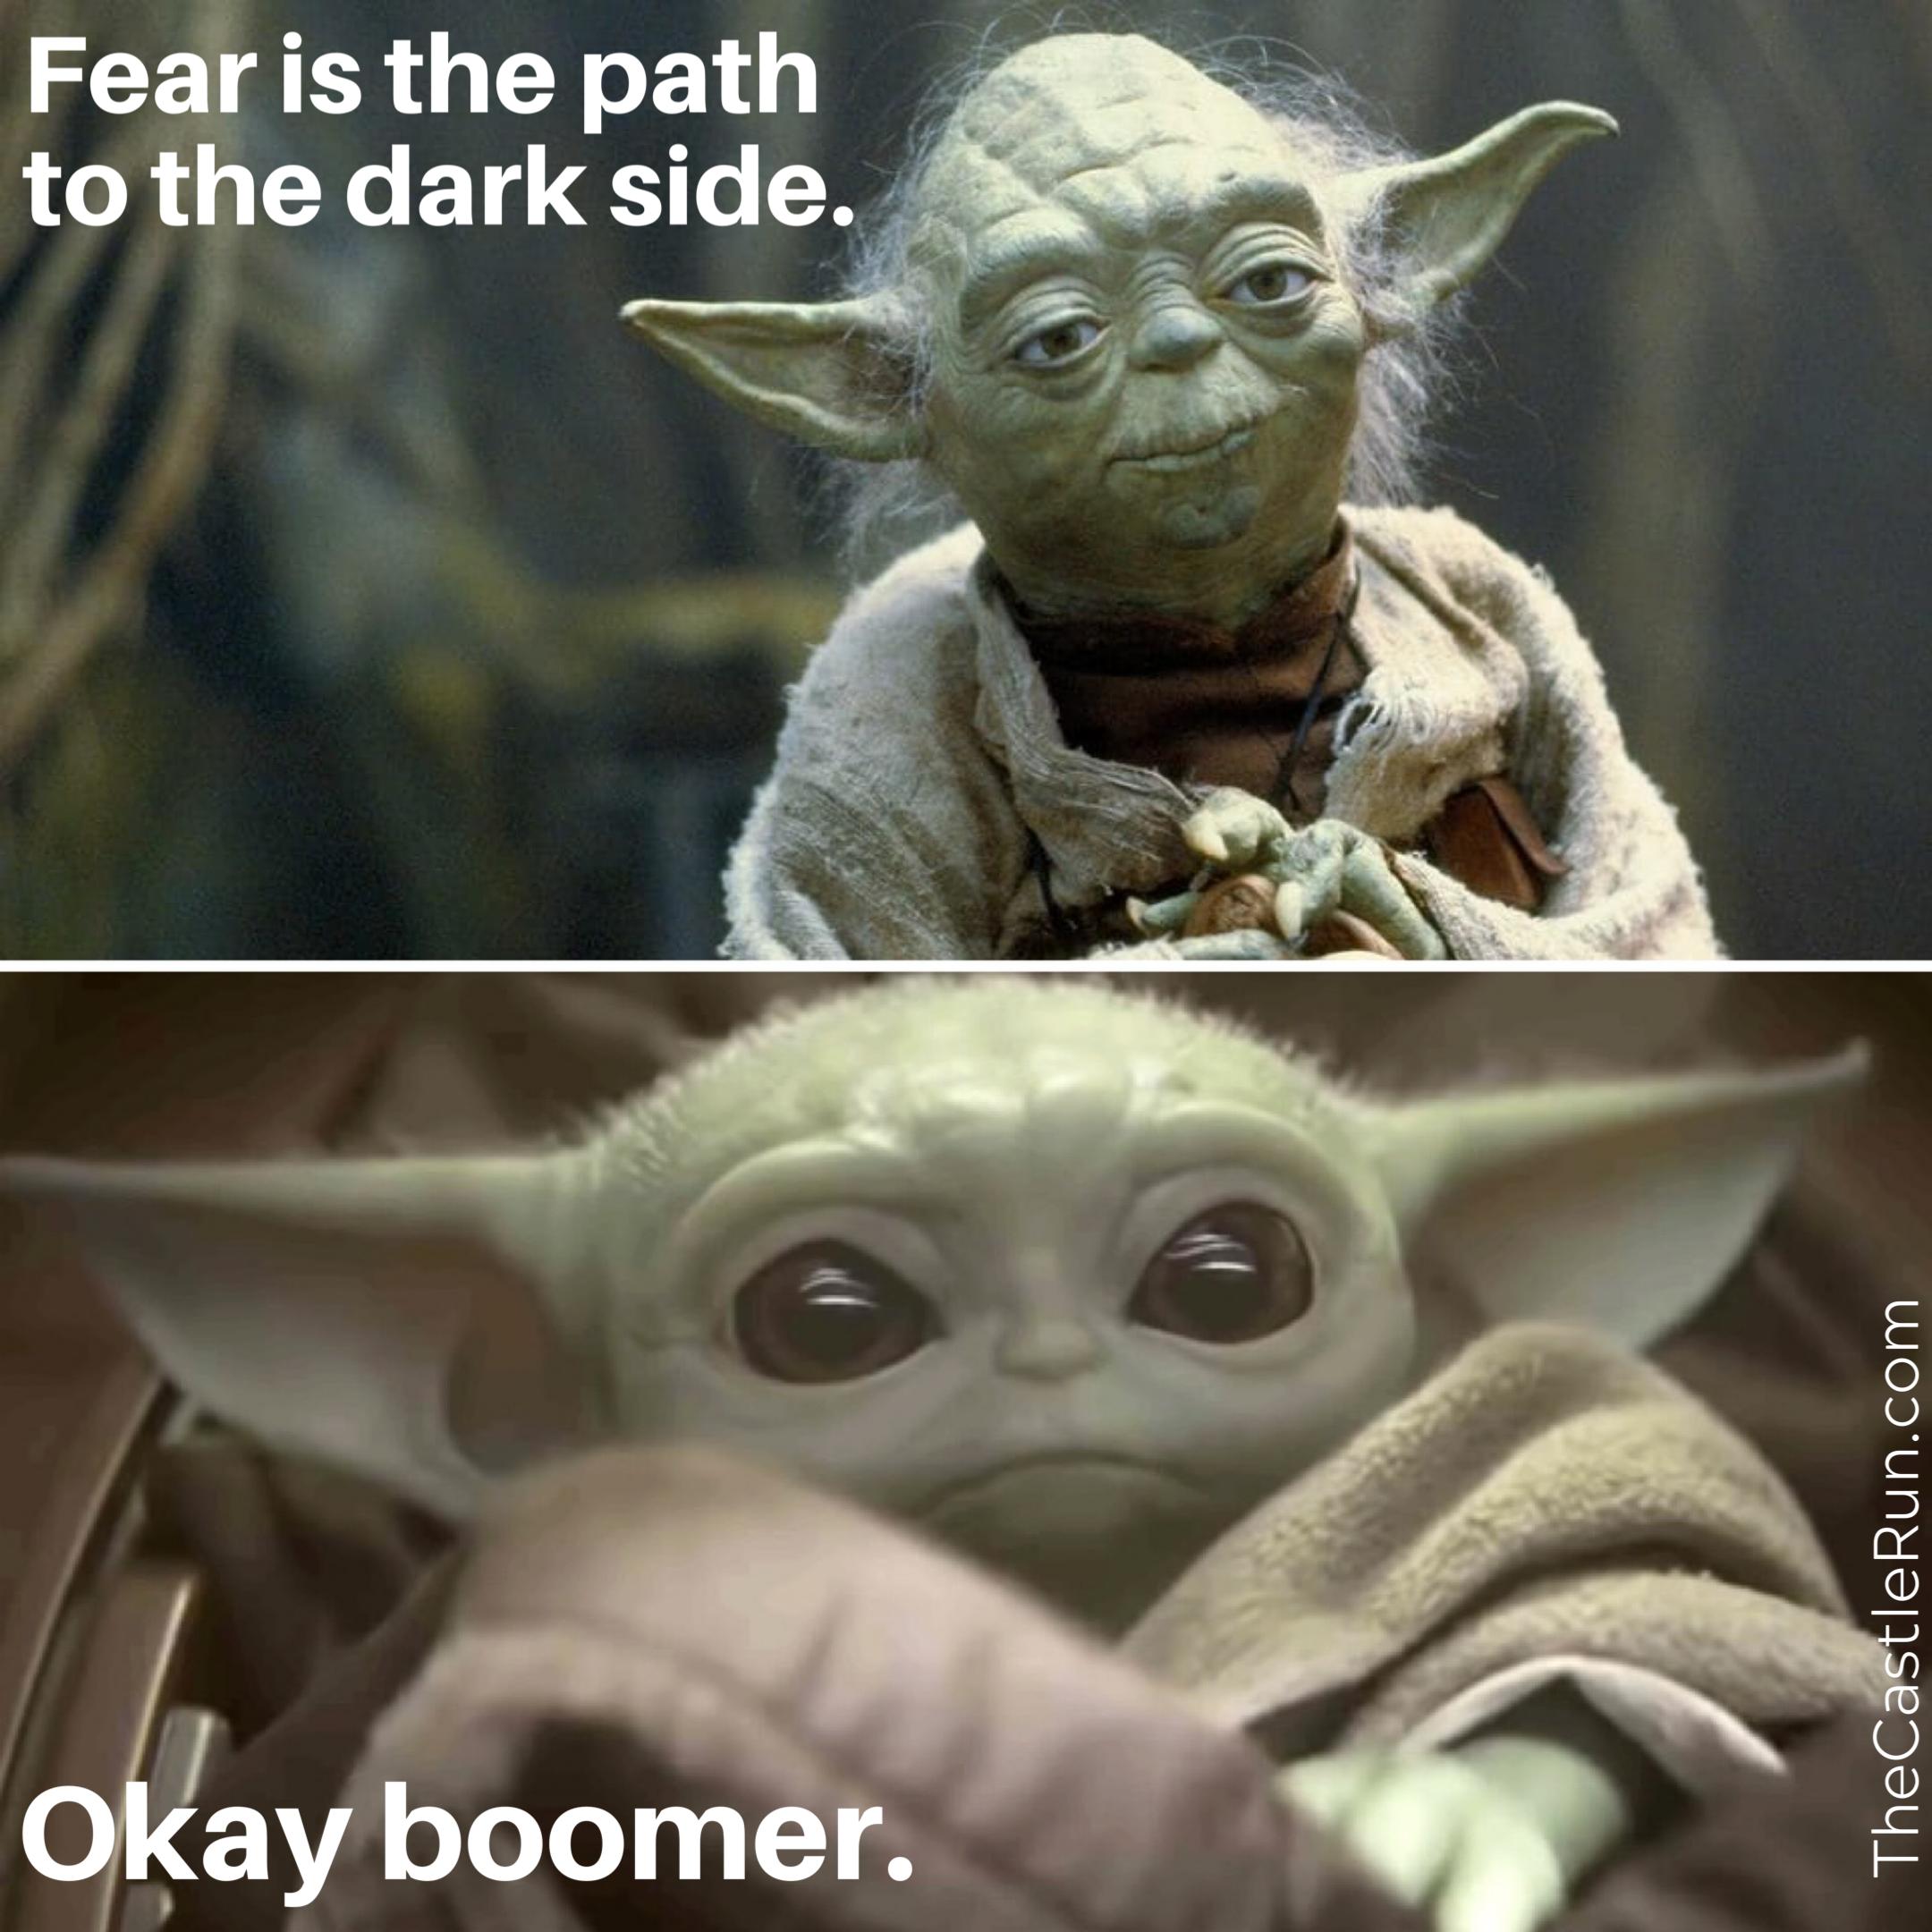 Baby Yoda Meme Okay Boomer Yoda Meme Star Wars Memes Star Wars Humor